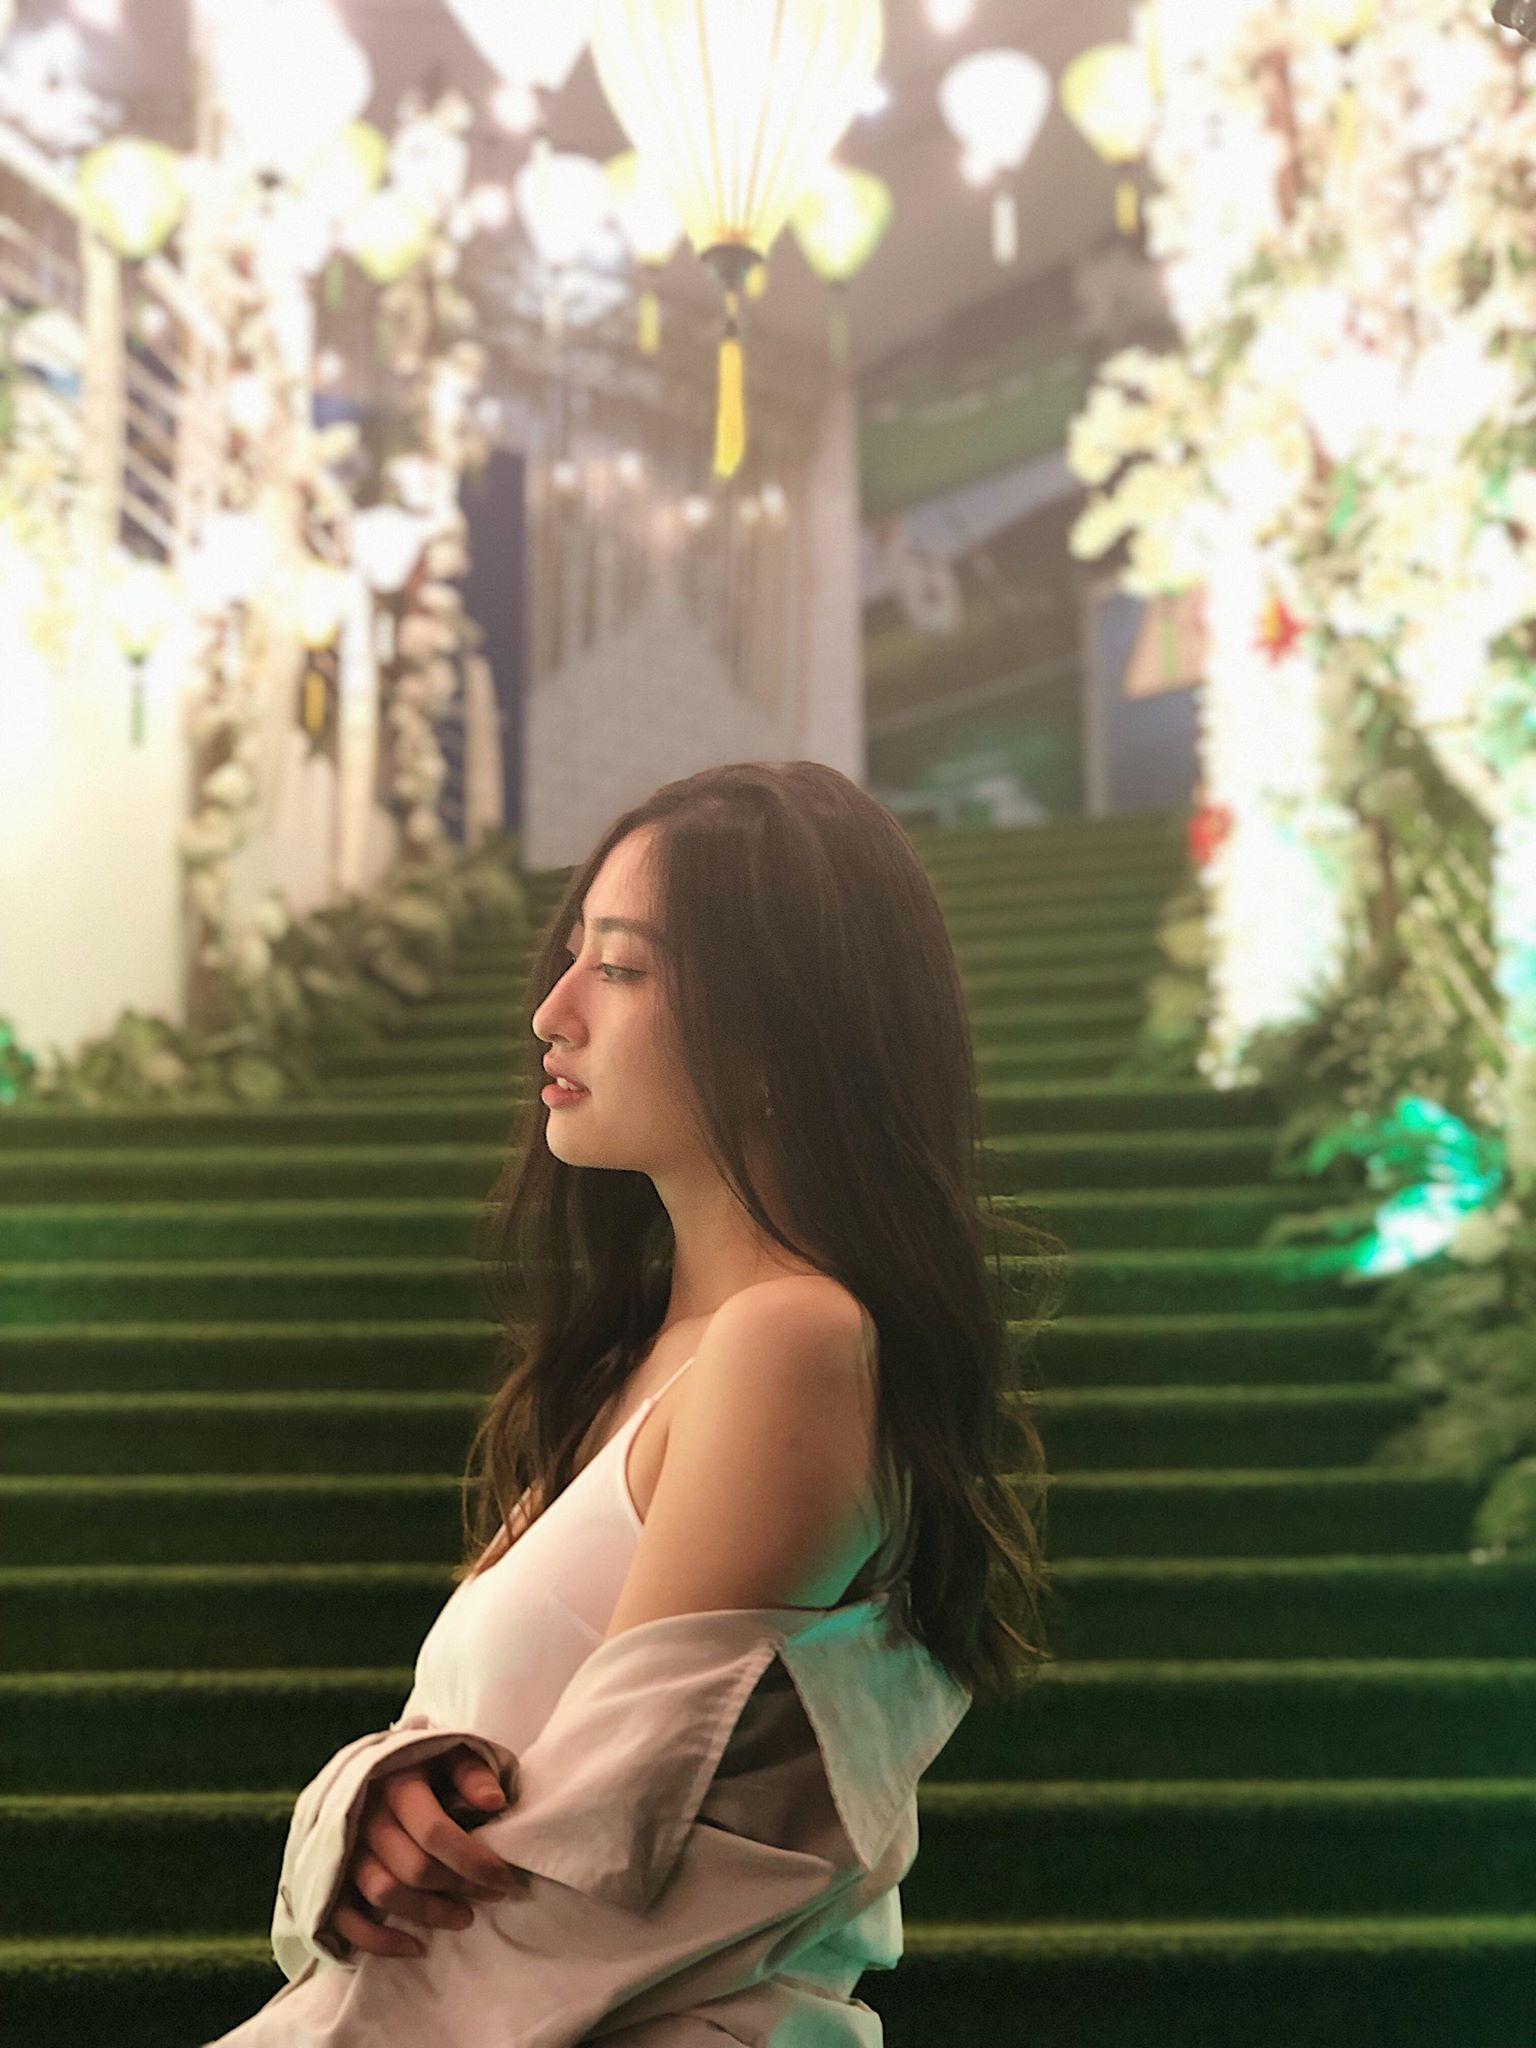 Nữ sinh Ngoại thương là ứng viên nặng ký của vương miện Hoa hậu thế giới Việt Nam 2019: IELTS 7.5, thành viên đội tuyển HSG Quốc gia tiếng Anh - Ảnh 2.